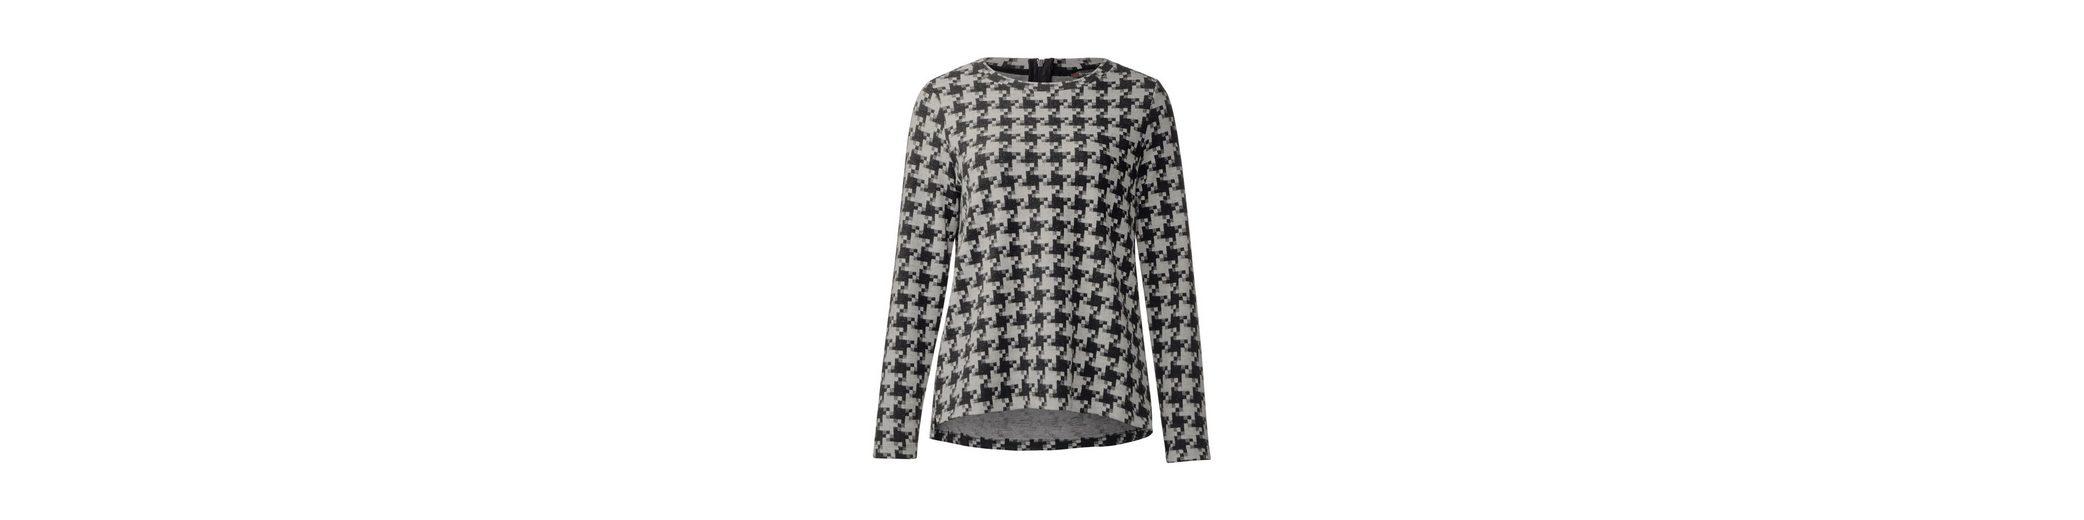 Street One Softes Hahnentritt Shirt Billig Limited Edition Fabrikverkauf Original Spielraum Browse Empfehlen Günstig Online jvaJyqihvZ